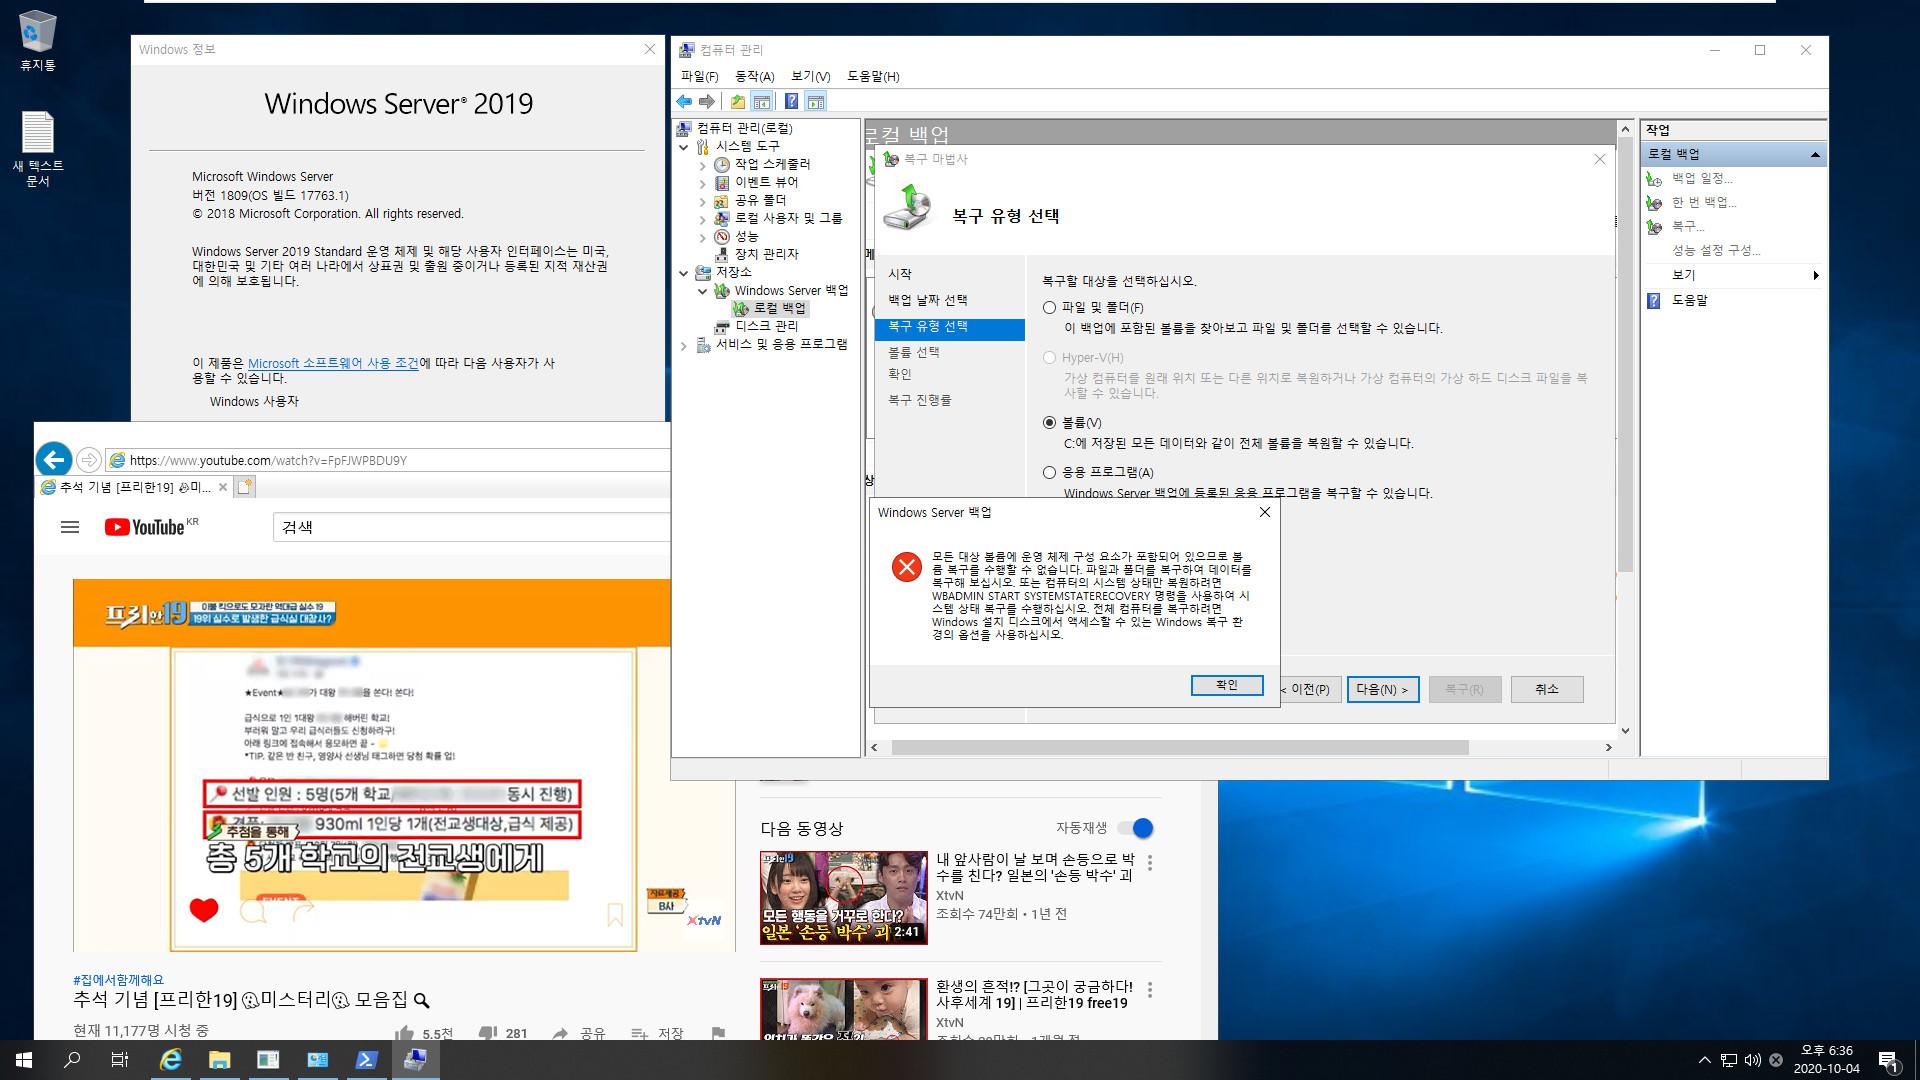 윈도우 서버군은 윈도우 사용중에도 자체 WBadmin 명령으로 윈도우 복구를 합니다 - Windows Server 2019로 복구 테스트 2020-10-04_183653.jpg